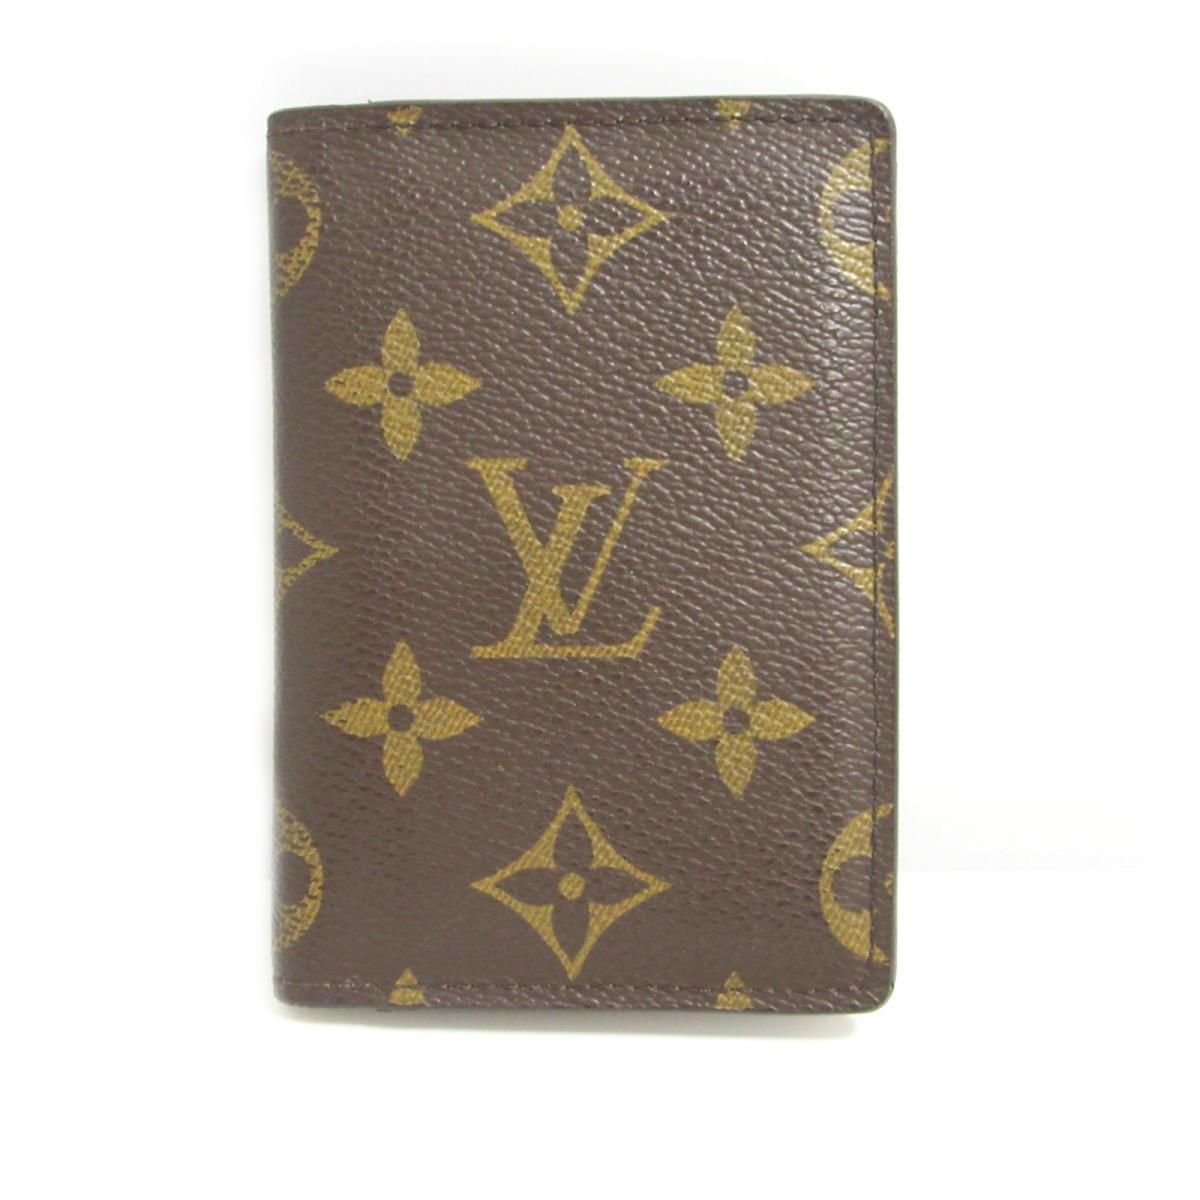 【中古】ルイヴィトン ポケットオーガナイザー カードケース 名刺入れ ユニセックス モノグラム モノグラム (M60502)